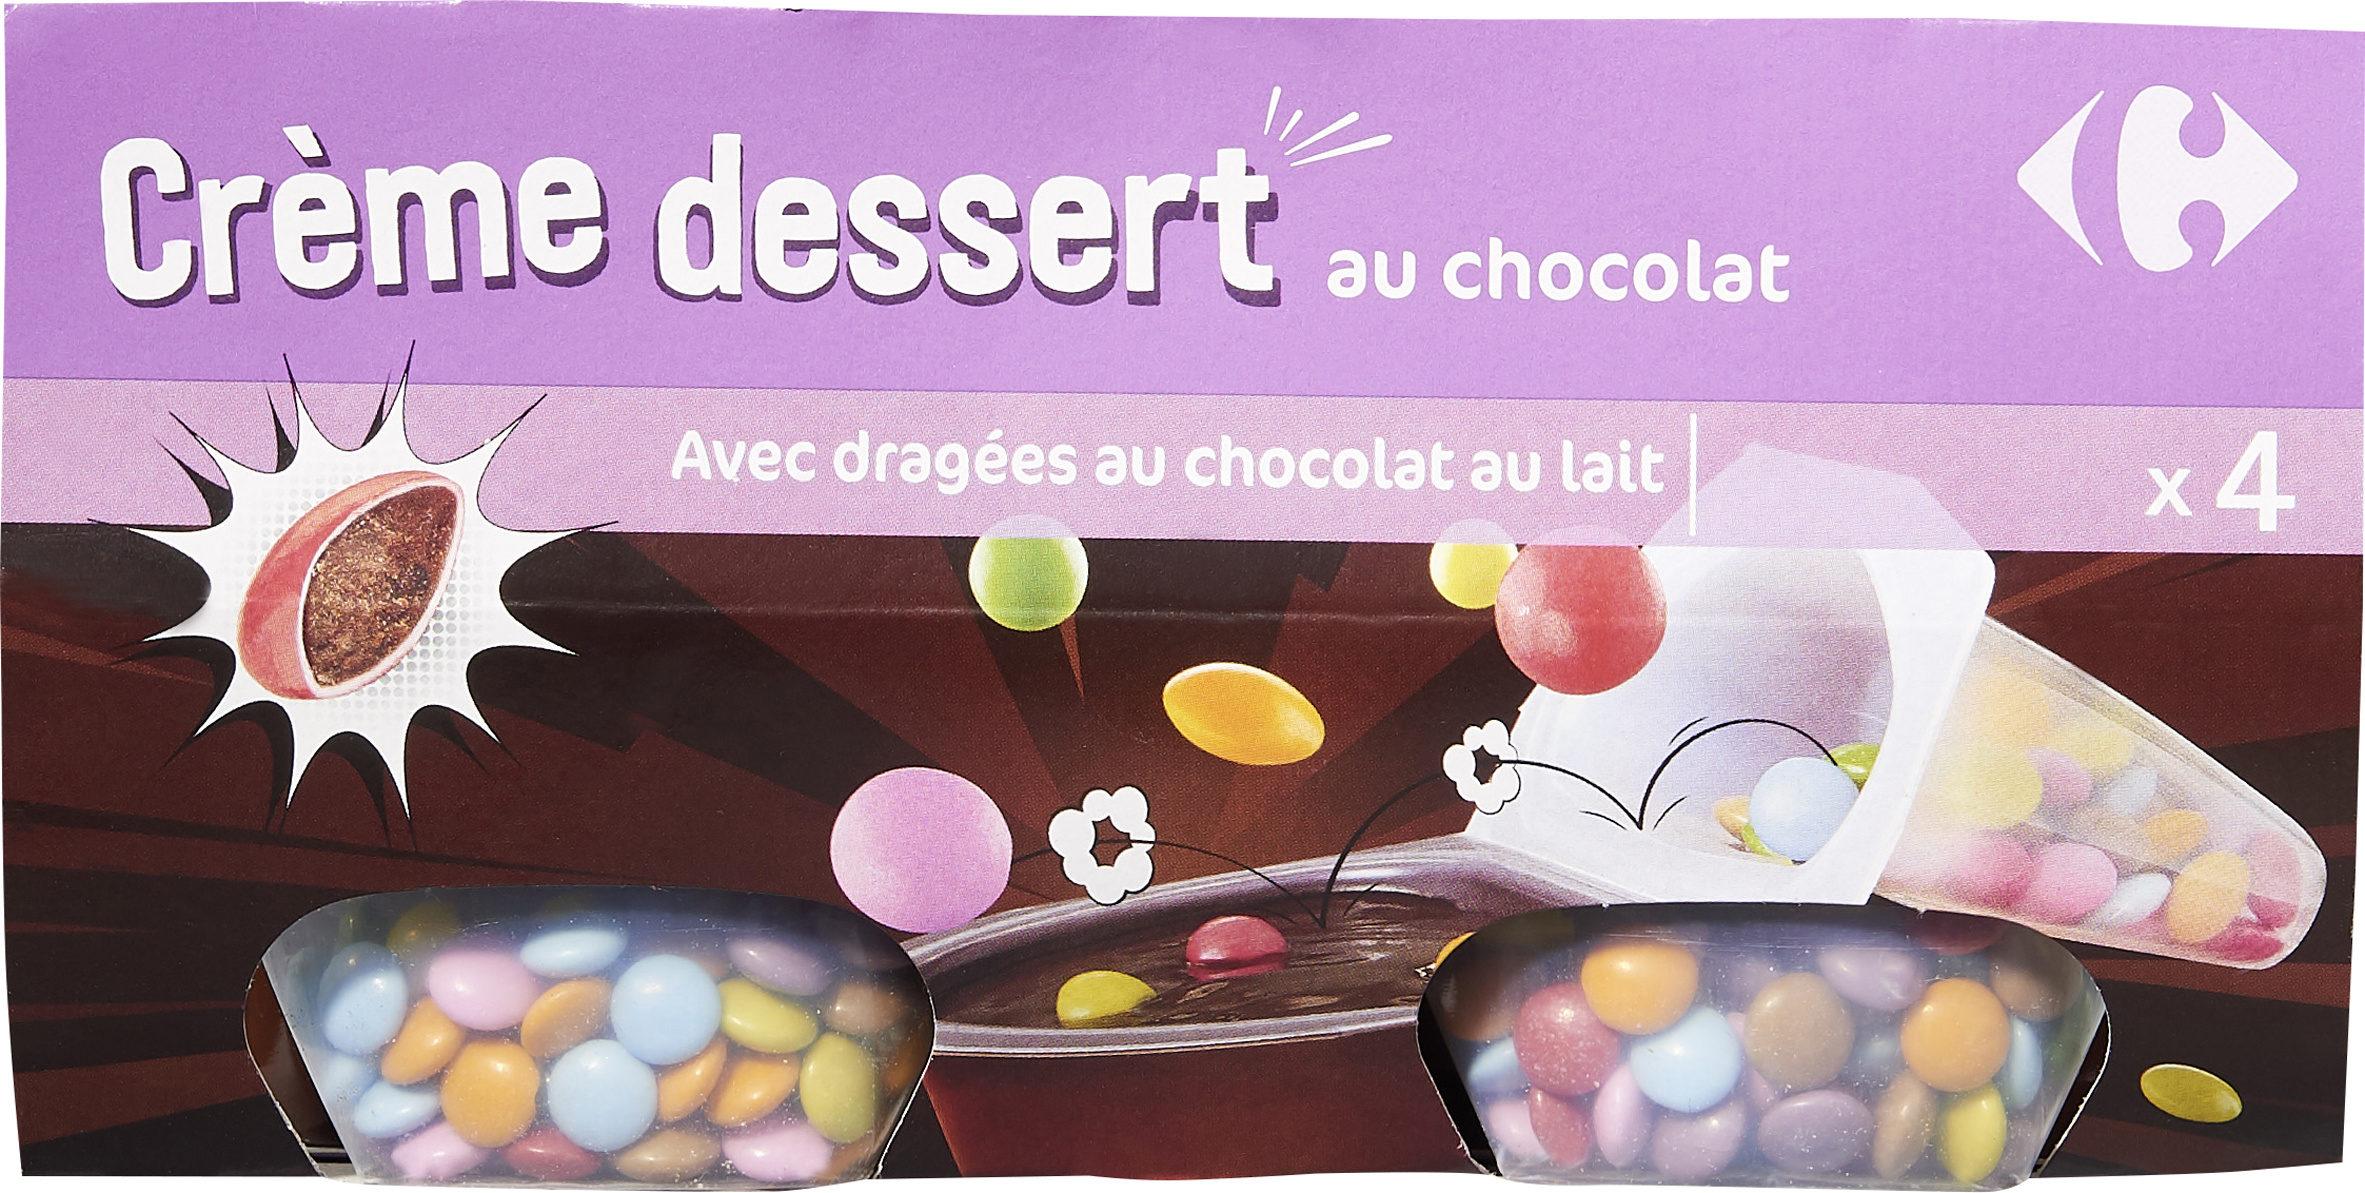 Crème dessert au Chocolat - Produit